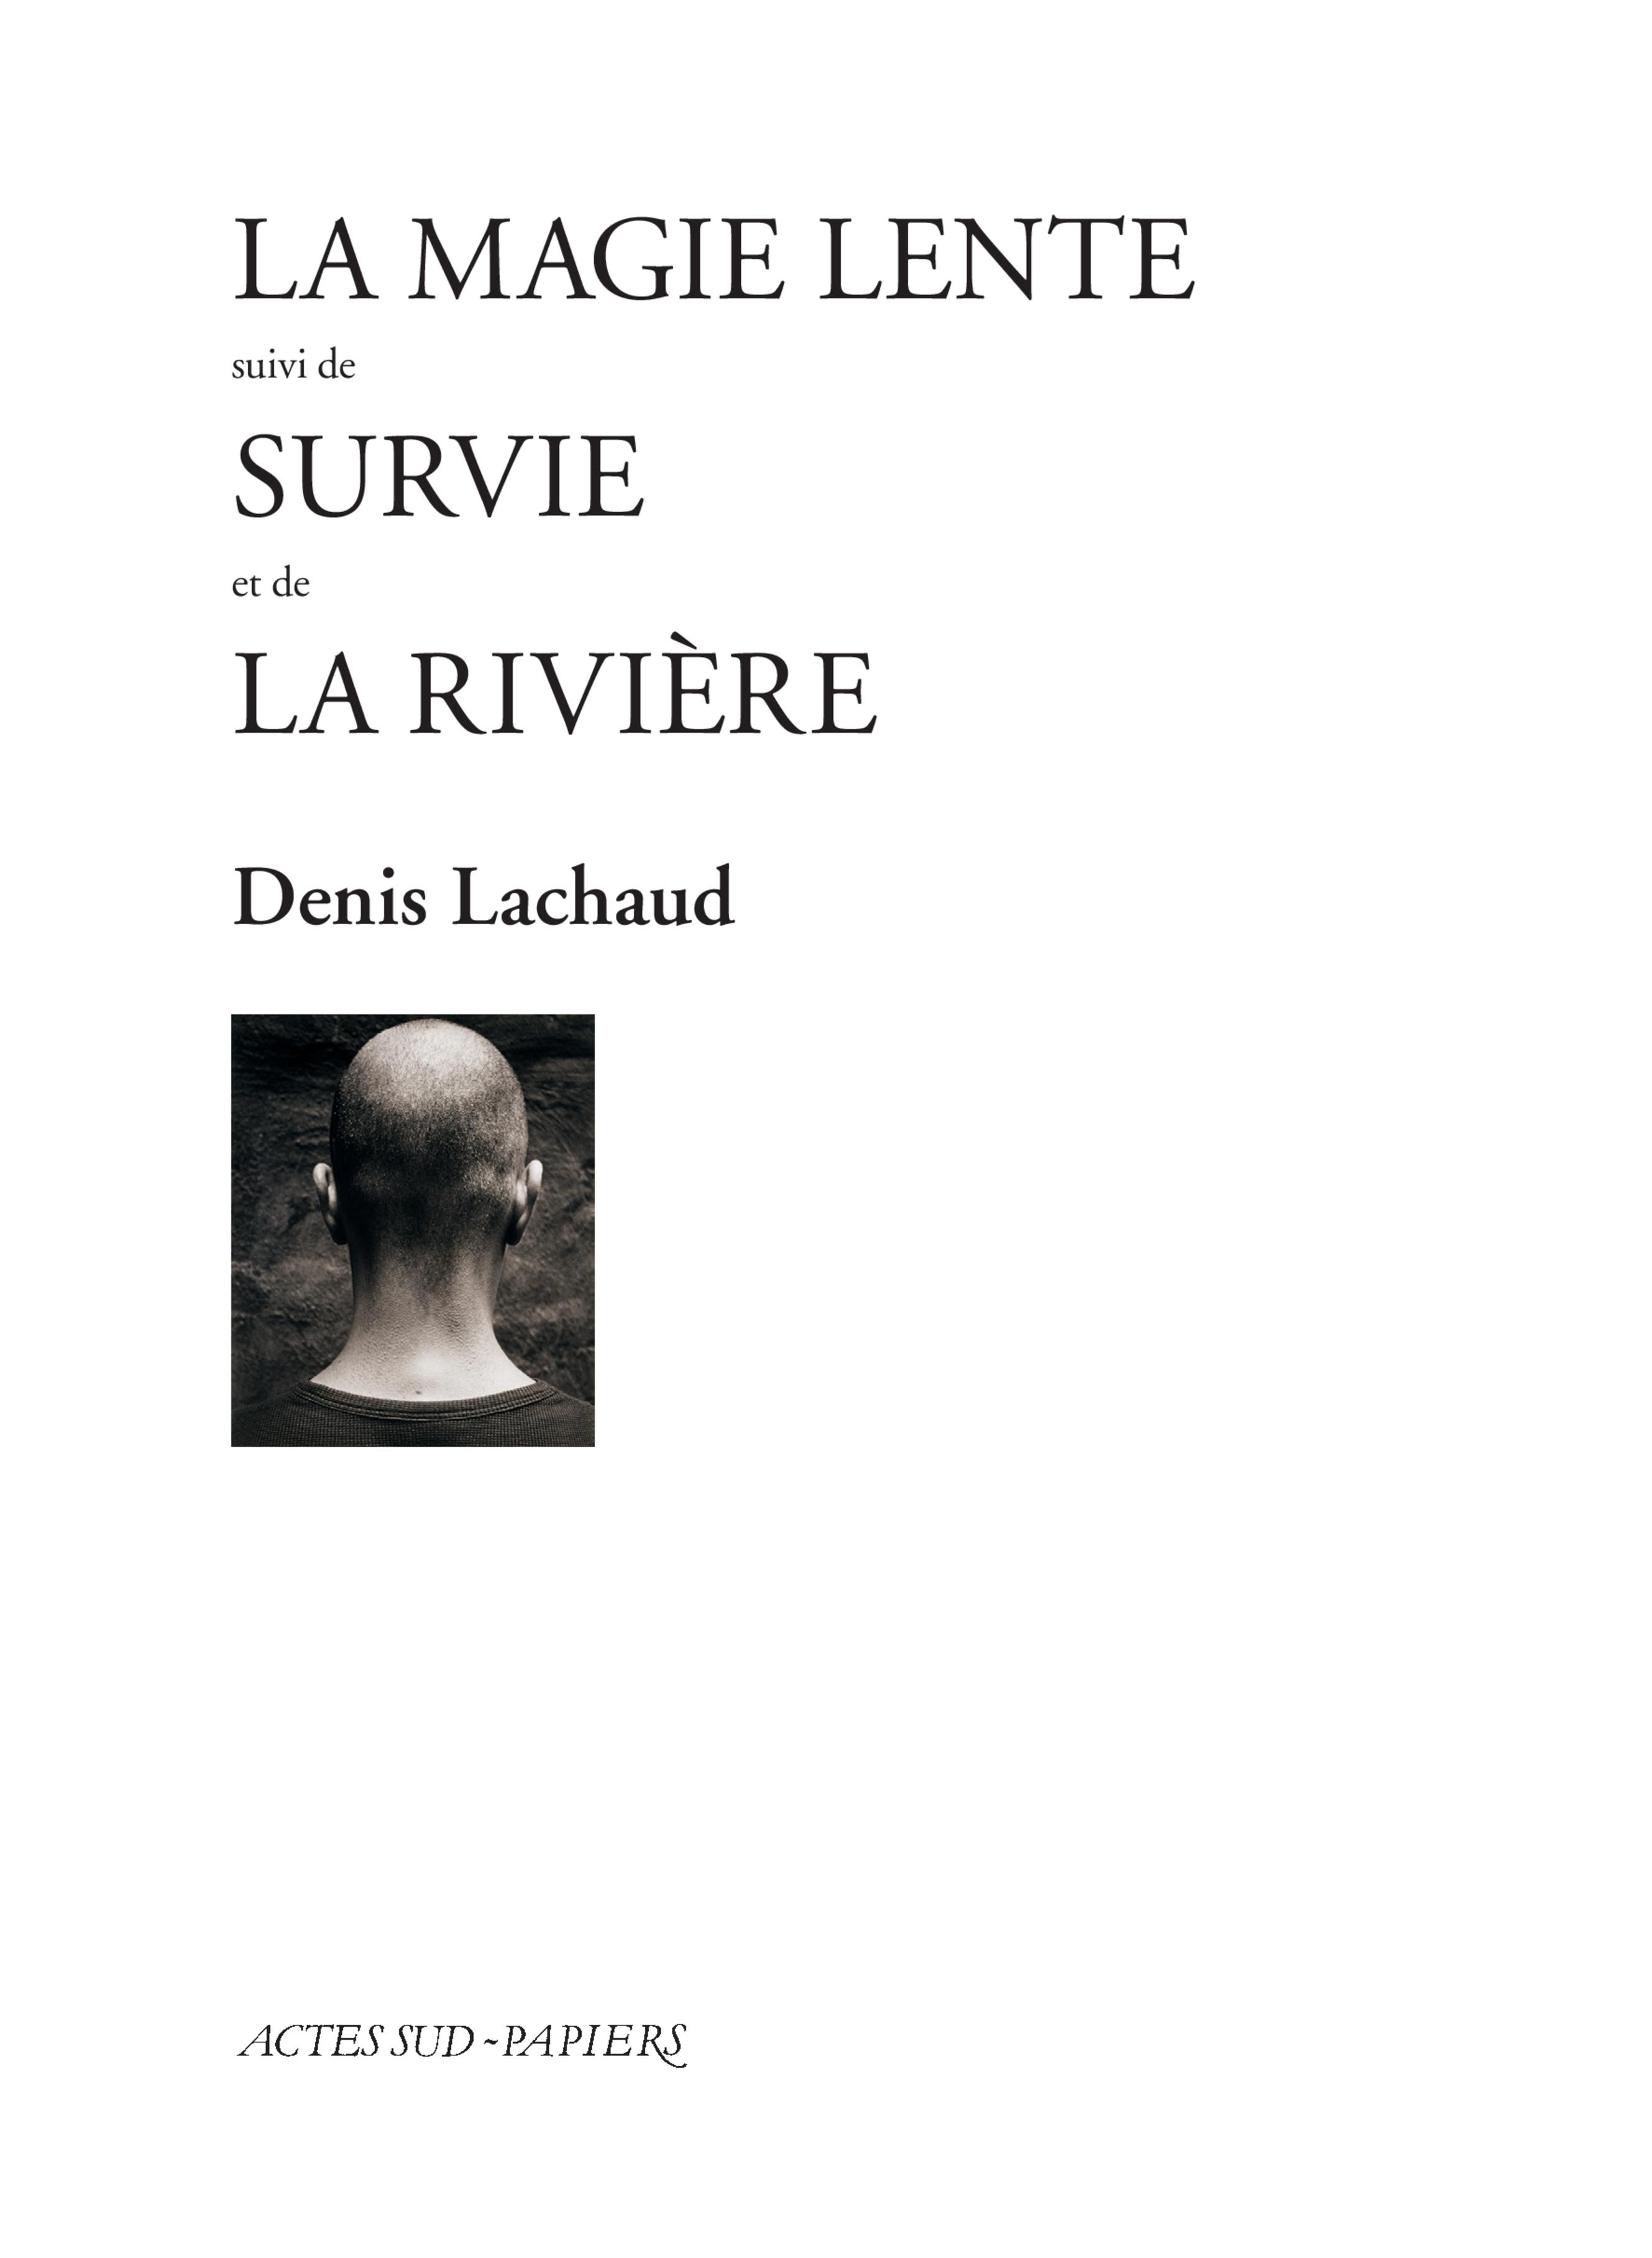 La Magie lente suivi de Survie et de La Rivière